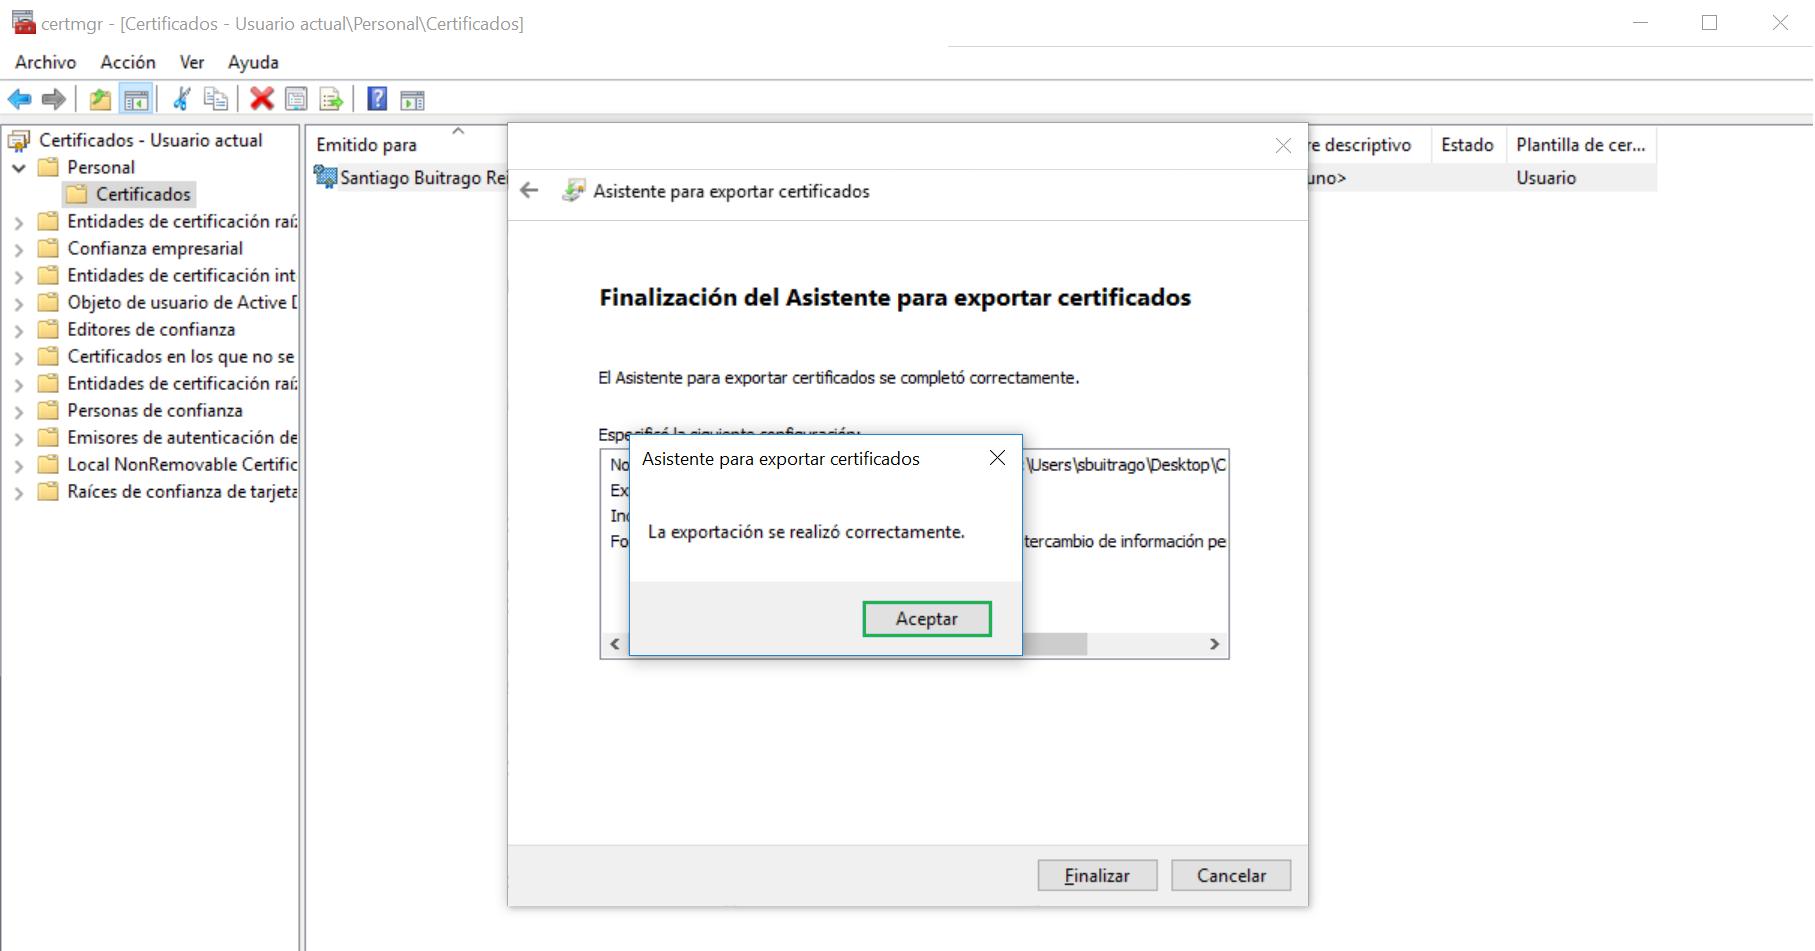 instalar_certificados_usuarios_via_gpo_10